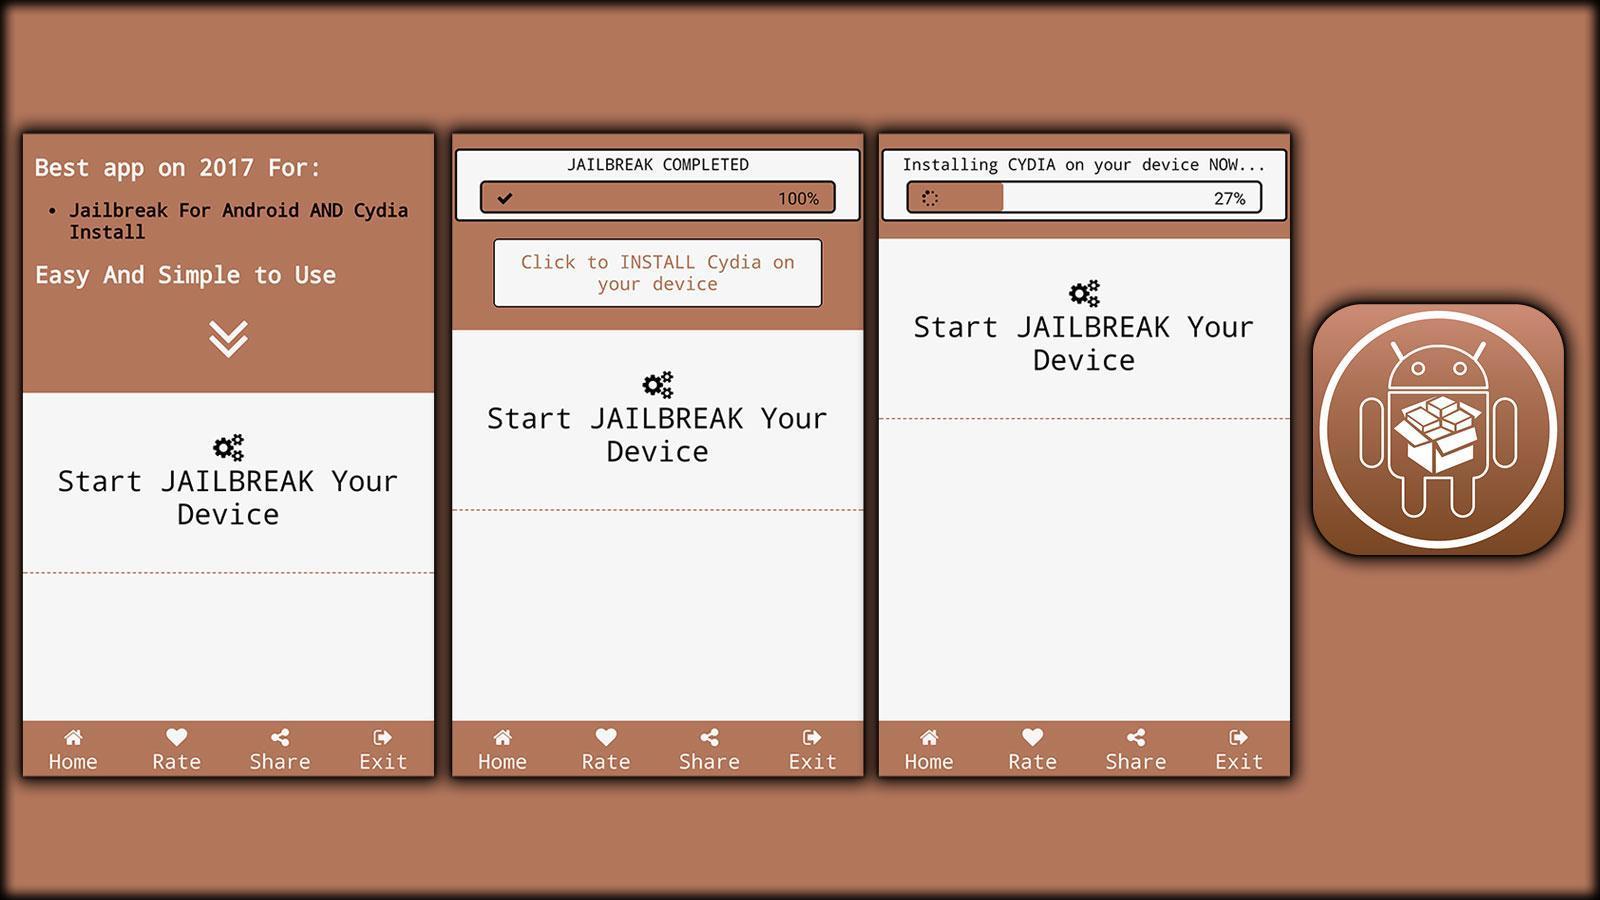 Cydia Pro Jailbreak App For Joke - Prank for Android - APK